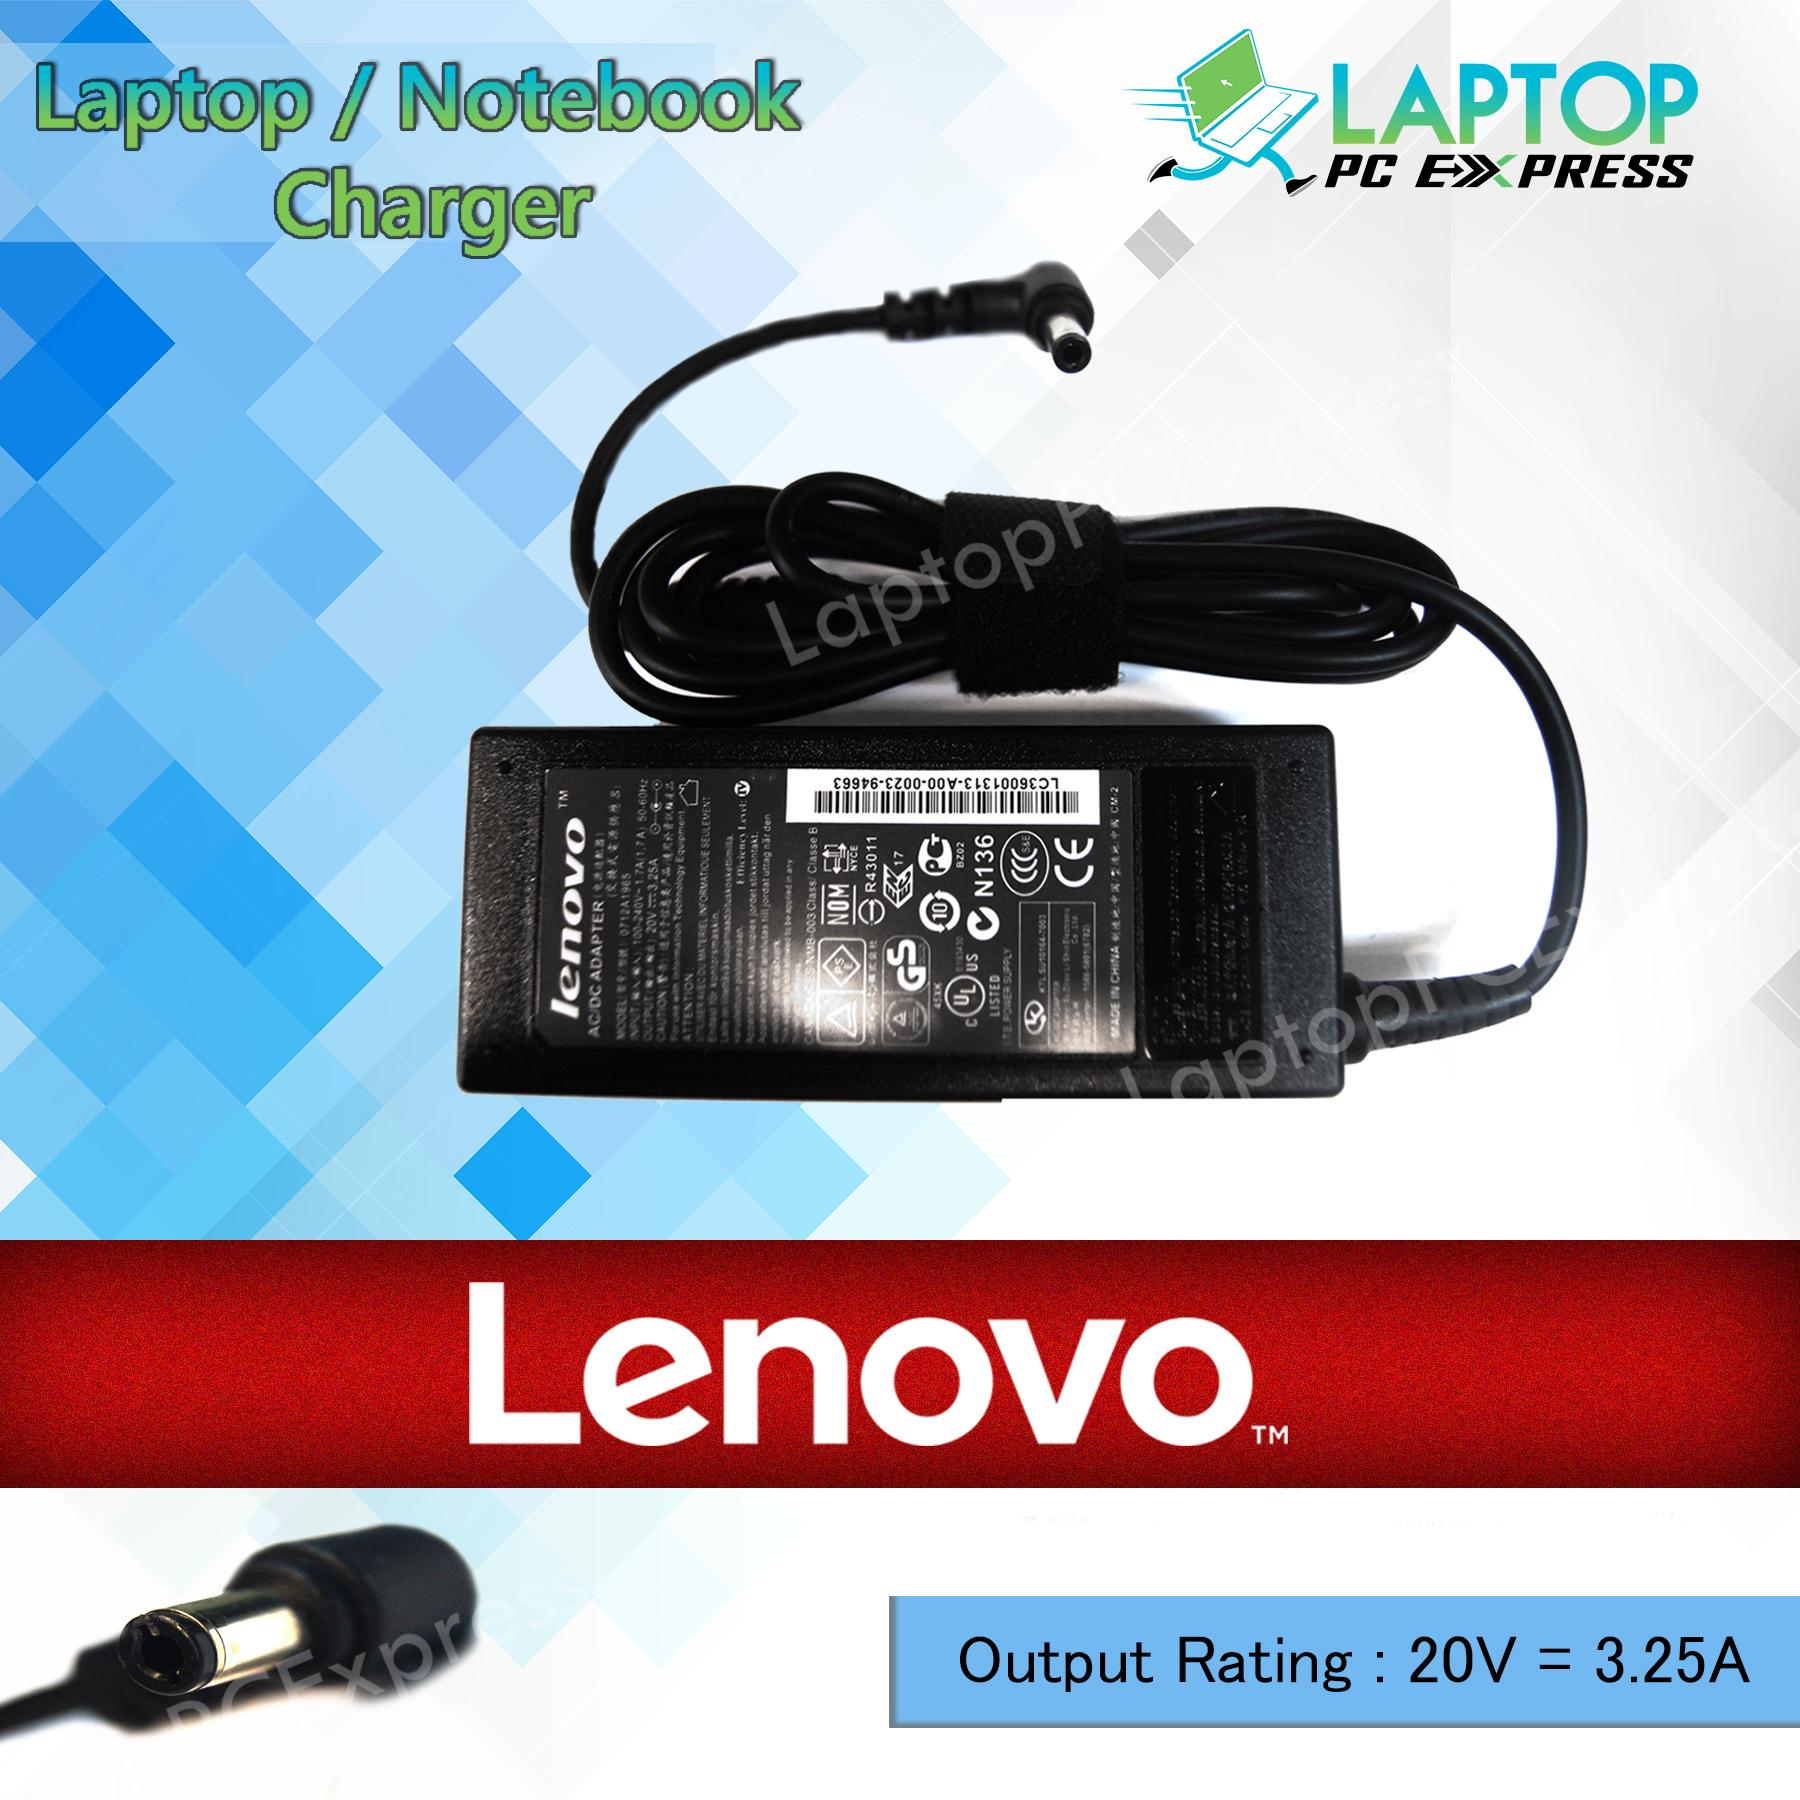 Acer Adaptor Charger E1 421 431 451 471 531 V3 Baterai Aspire 421g 431g 471g 521 Oem 152622160770 Source Partial Compatibility List Lenovo